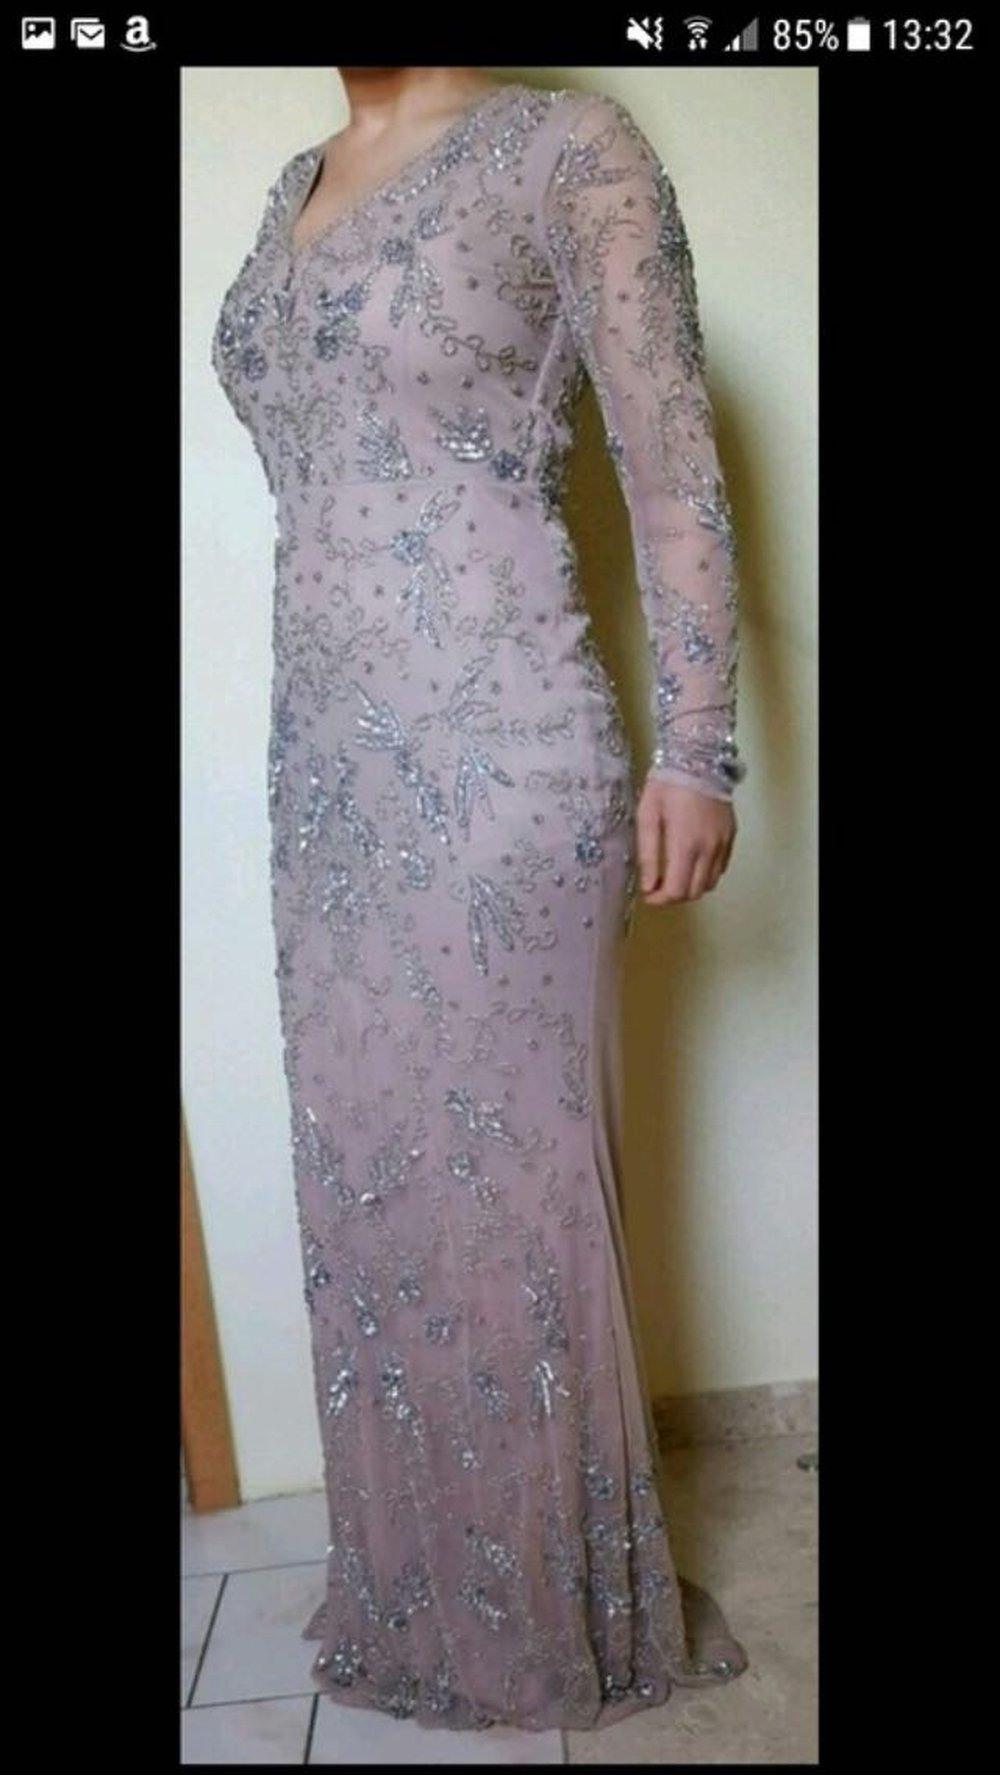 Abend Spektakulär Abend Kleid Bei Asos Galerie15 Elegant Abend Kleid Bei Asos Design